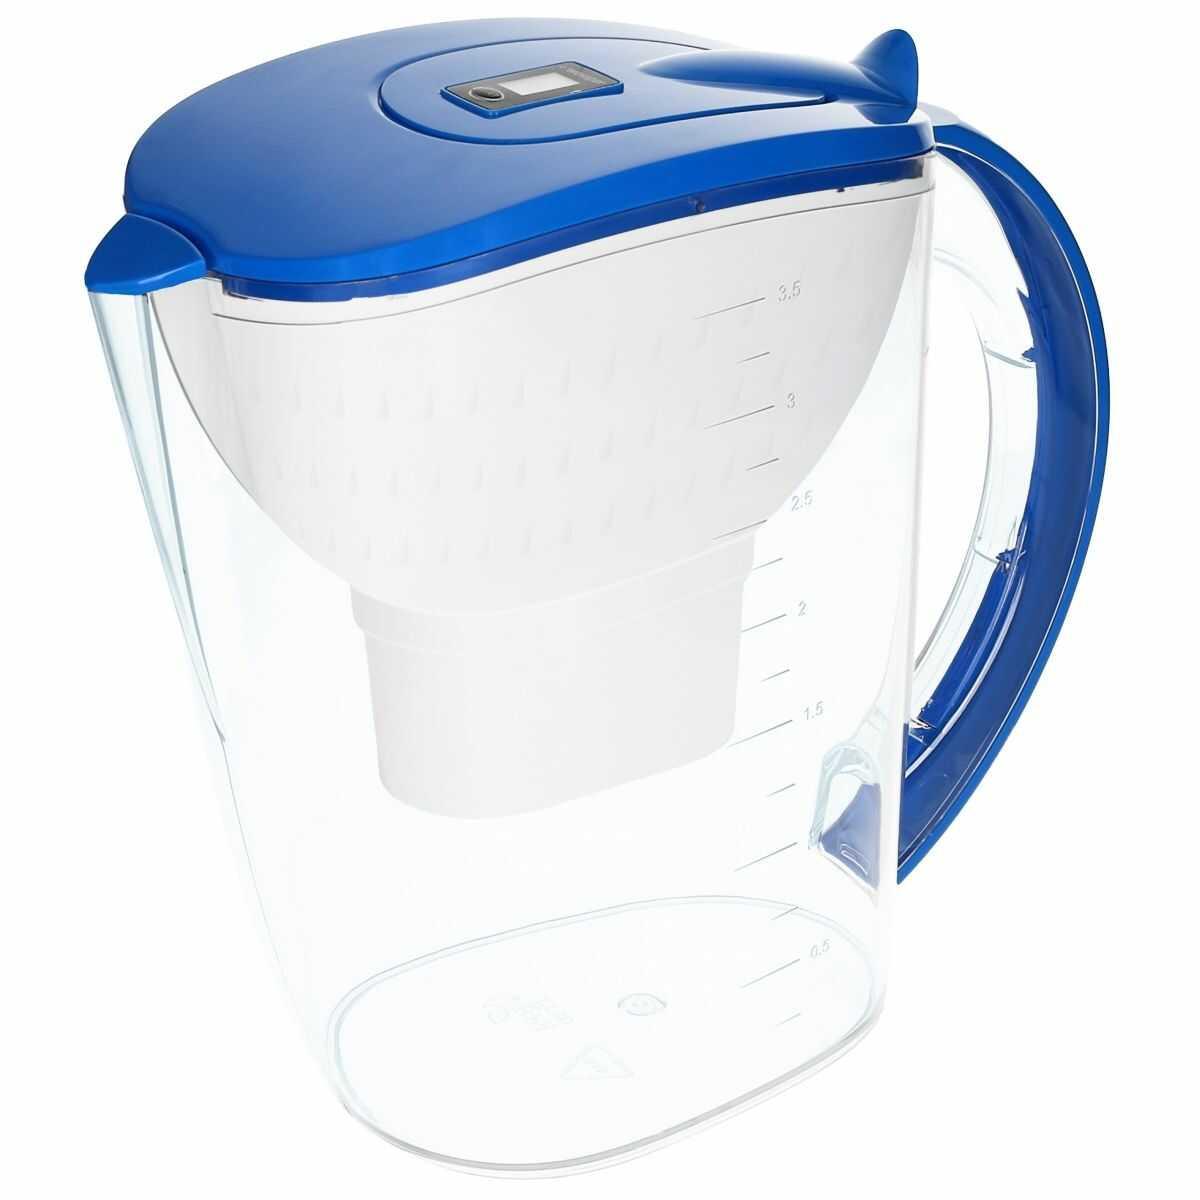 Dzbanek filtrujący do wody 3,5L AquaMax - NIEBIESKI - Wessper